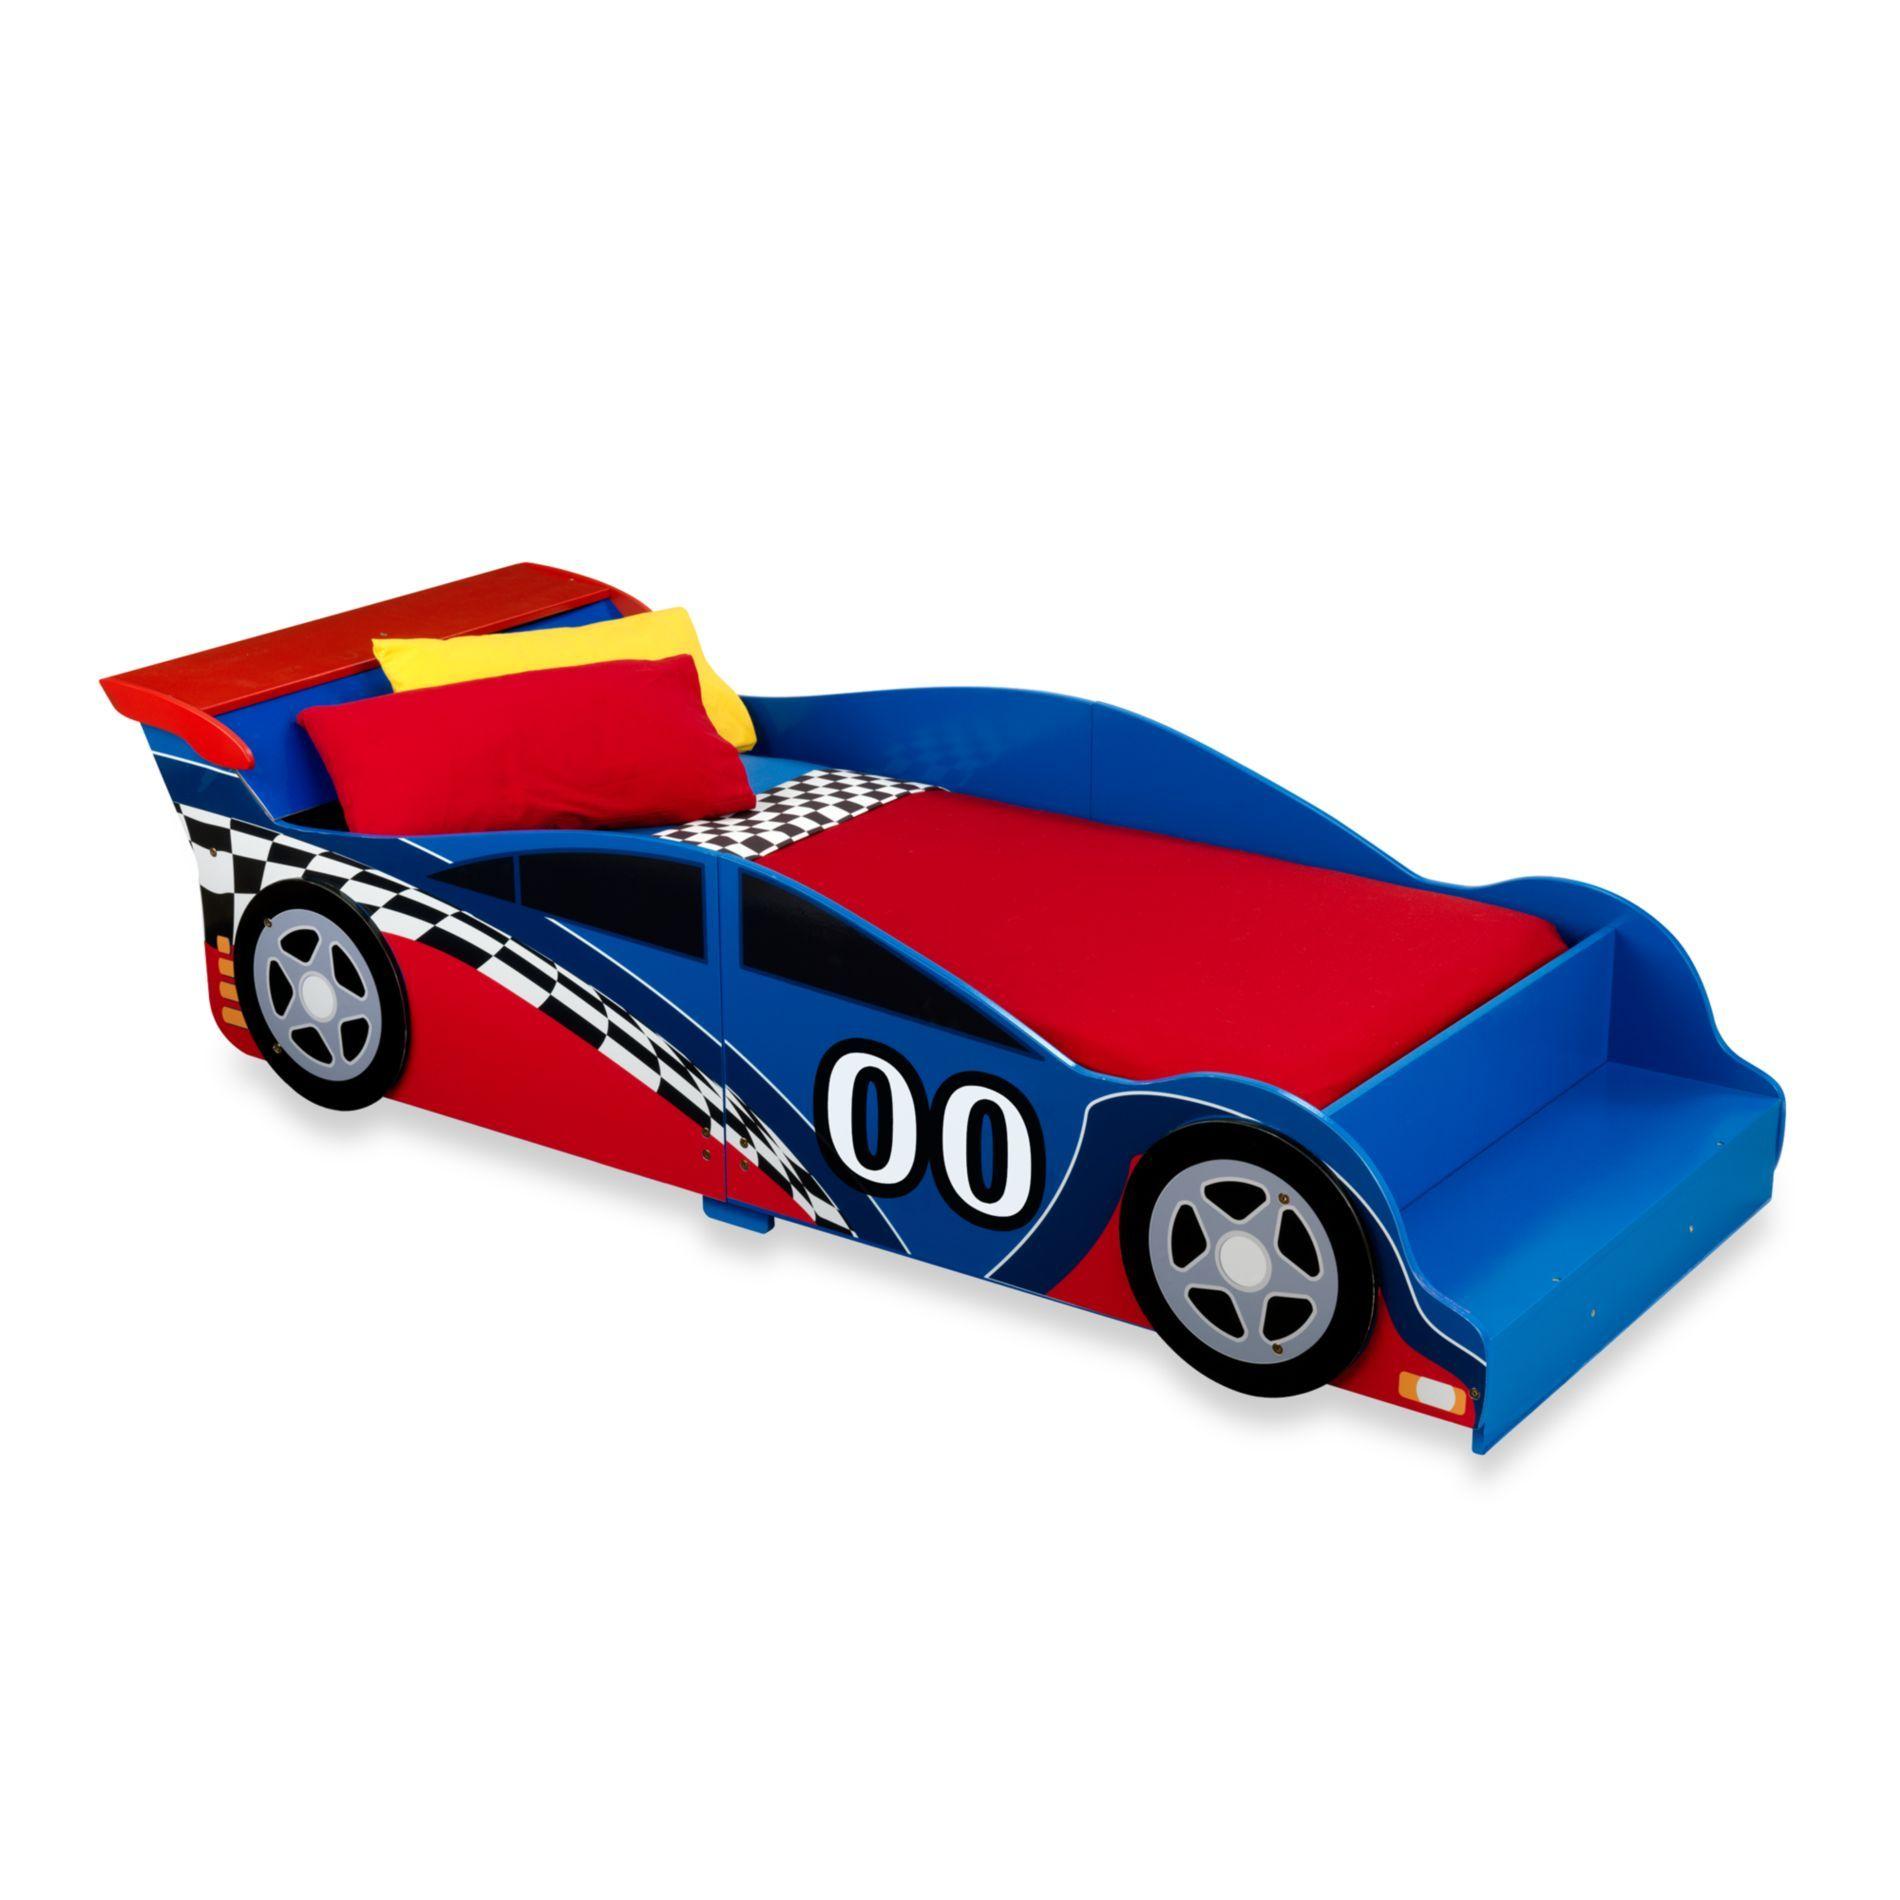 KidKraft® Racecar Toddler Bed Kid beds